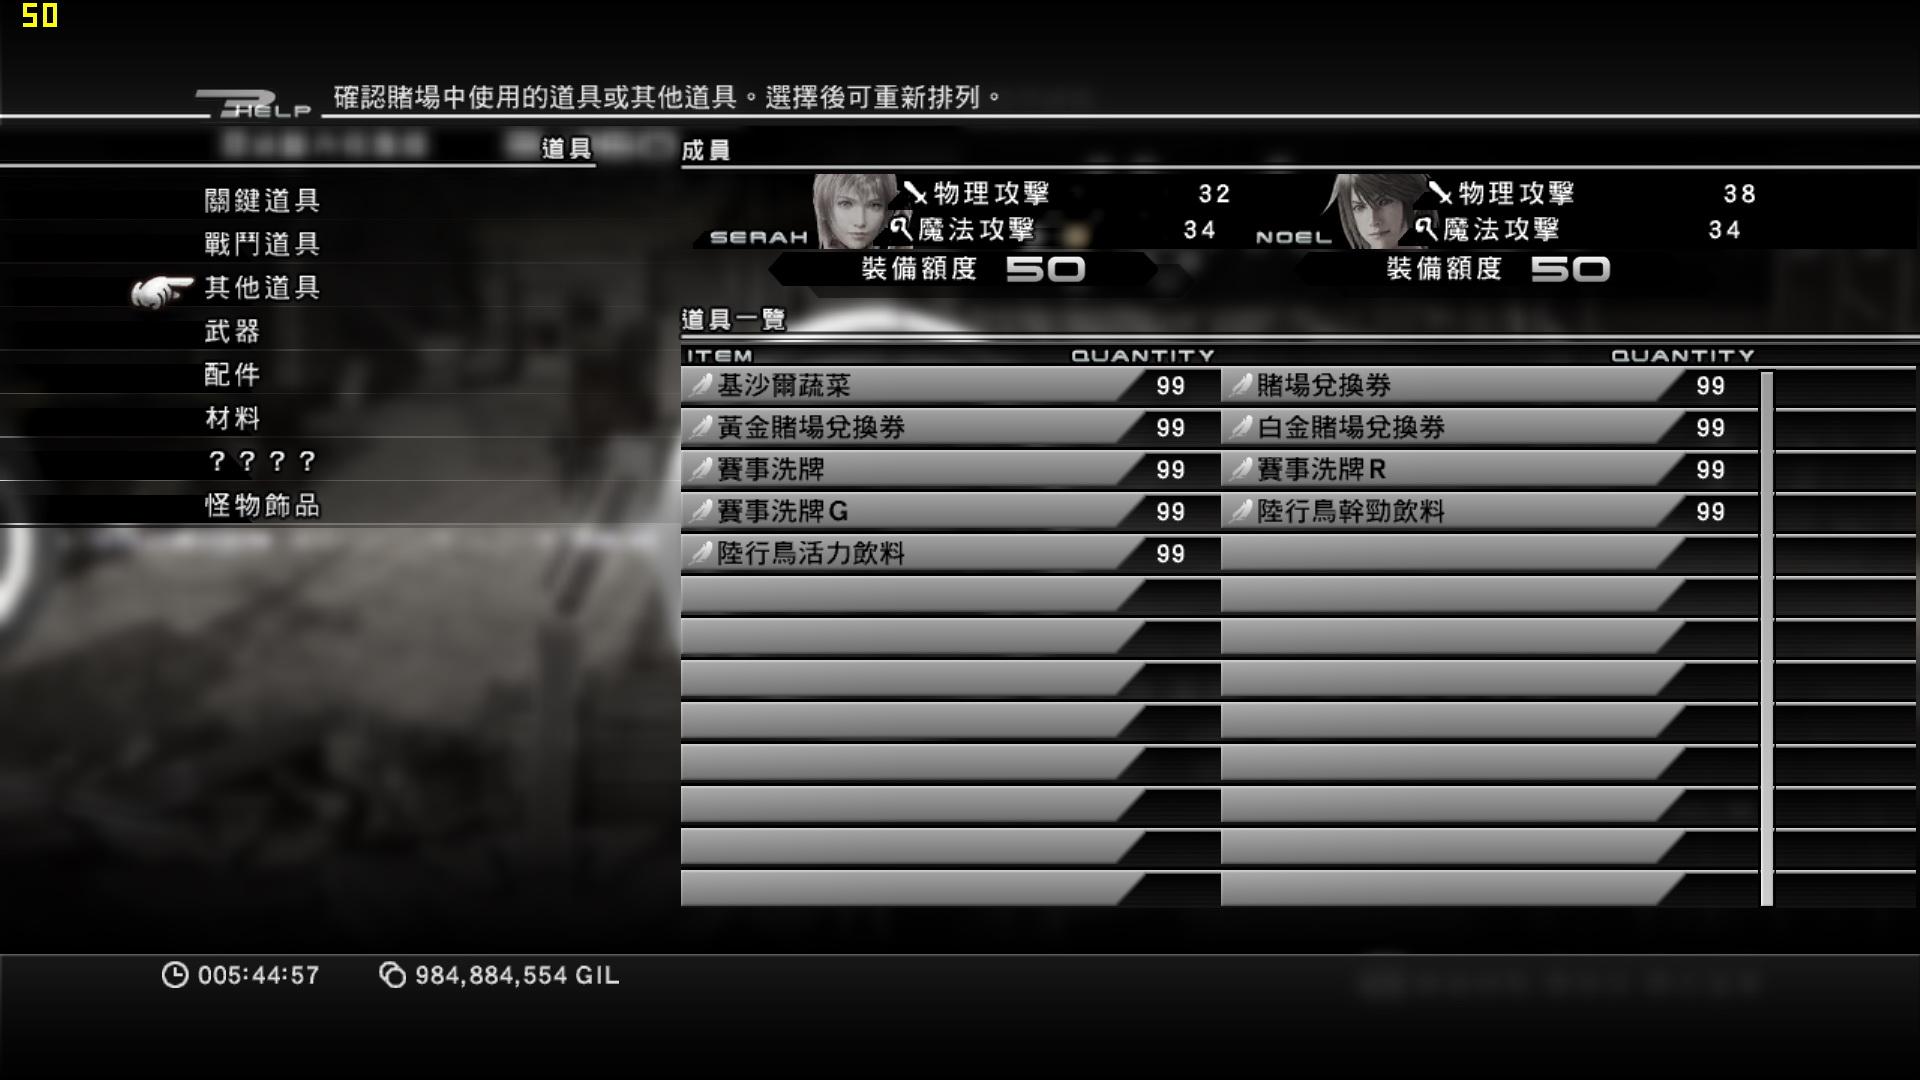 最终幻想13-2全道具初始存档